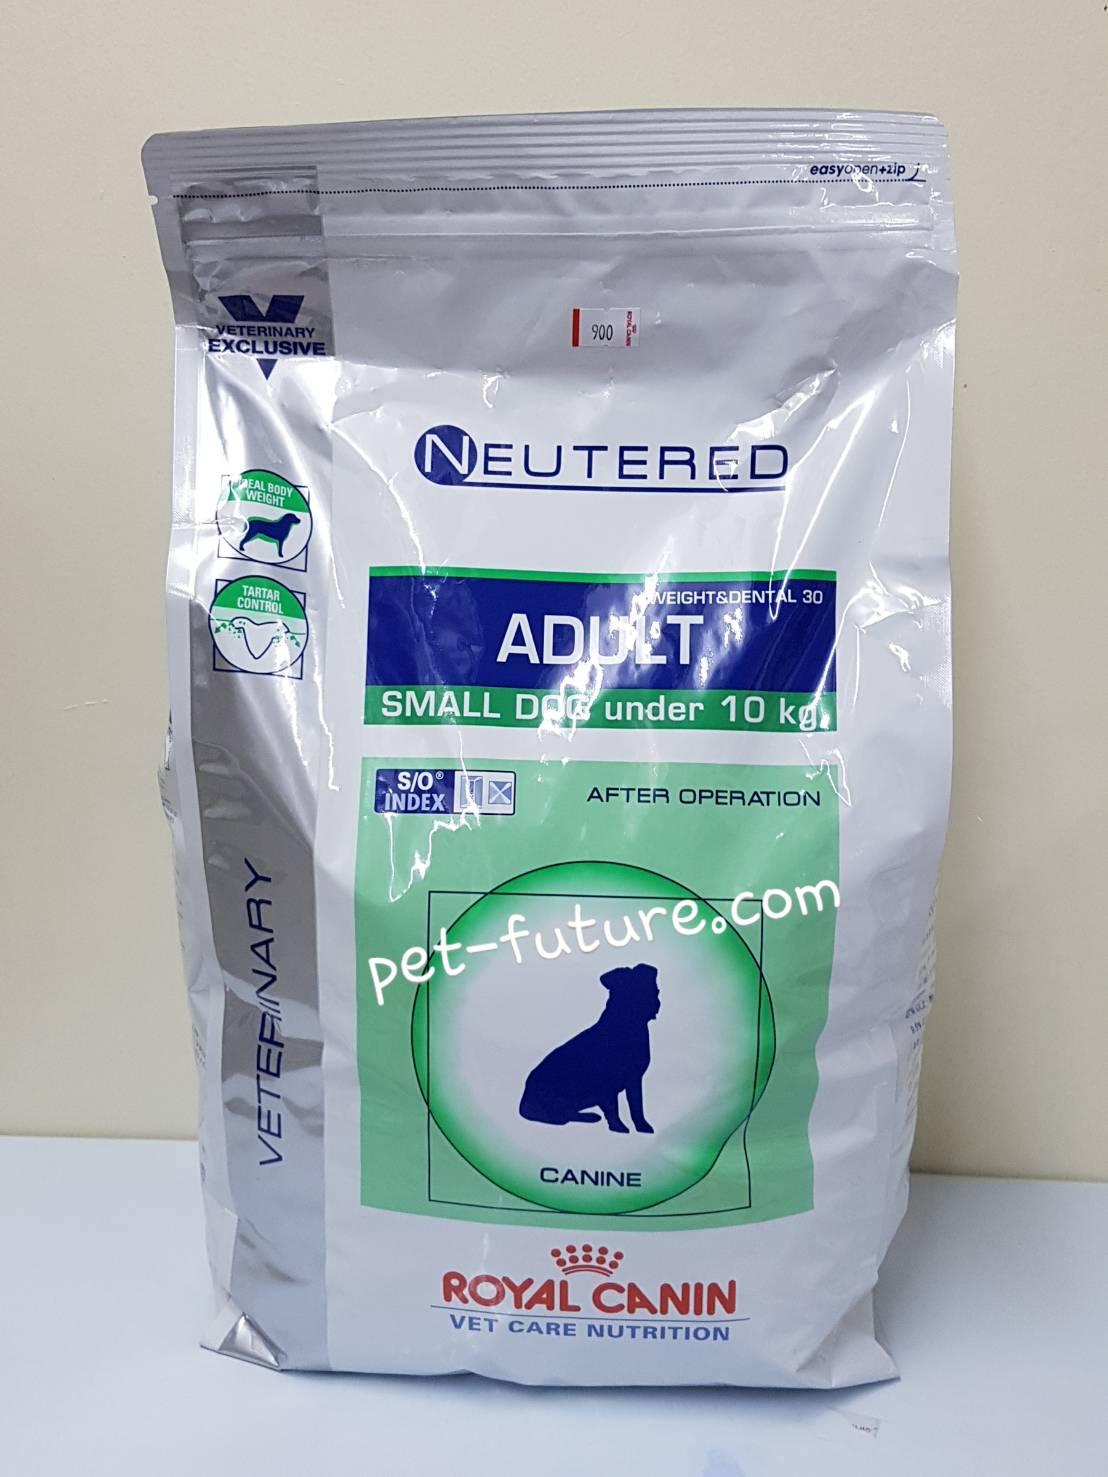 vcn neutered adult small dog 3.5 kg. Exp.12/18 สำหรับสุนัขพันธ์เล็กทำหมันแล้ว